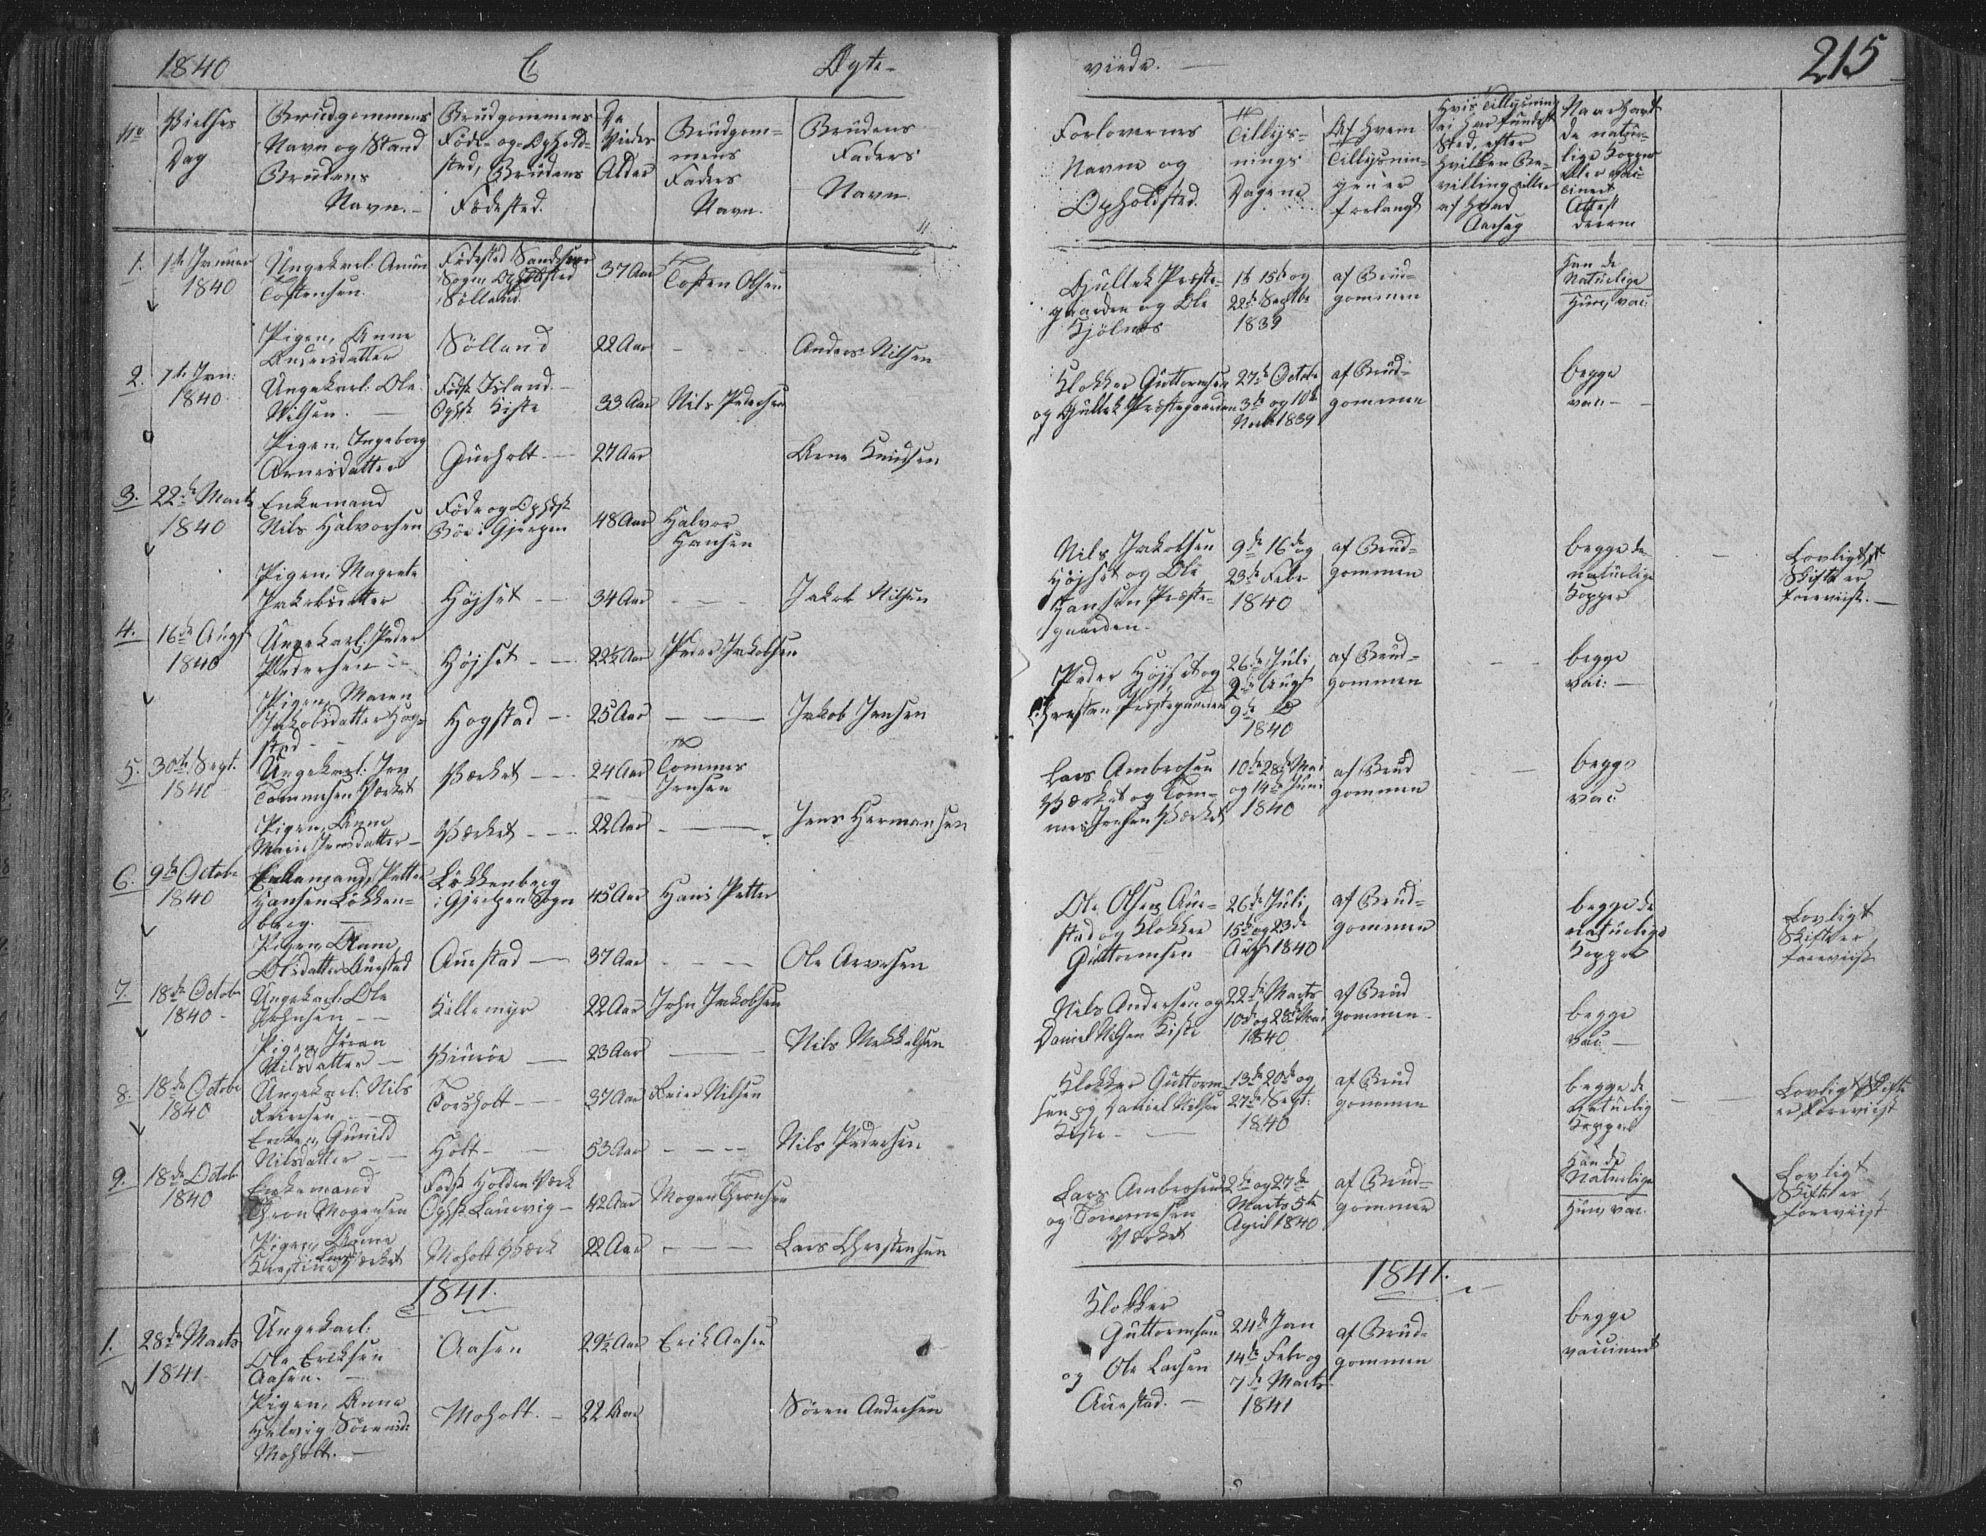 SAKO, Siljan kirkebøker, F/Fa/L0001: Ministerialbok nr. 1, 1831-1870, s. 215